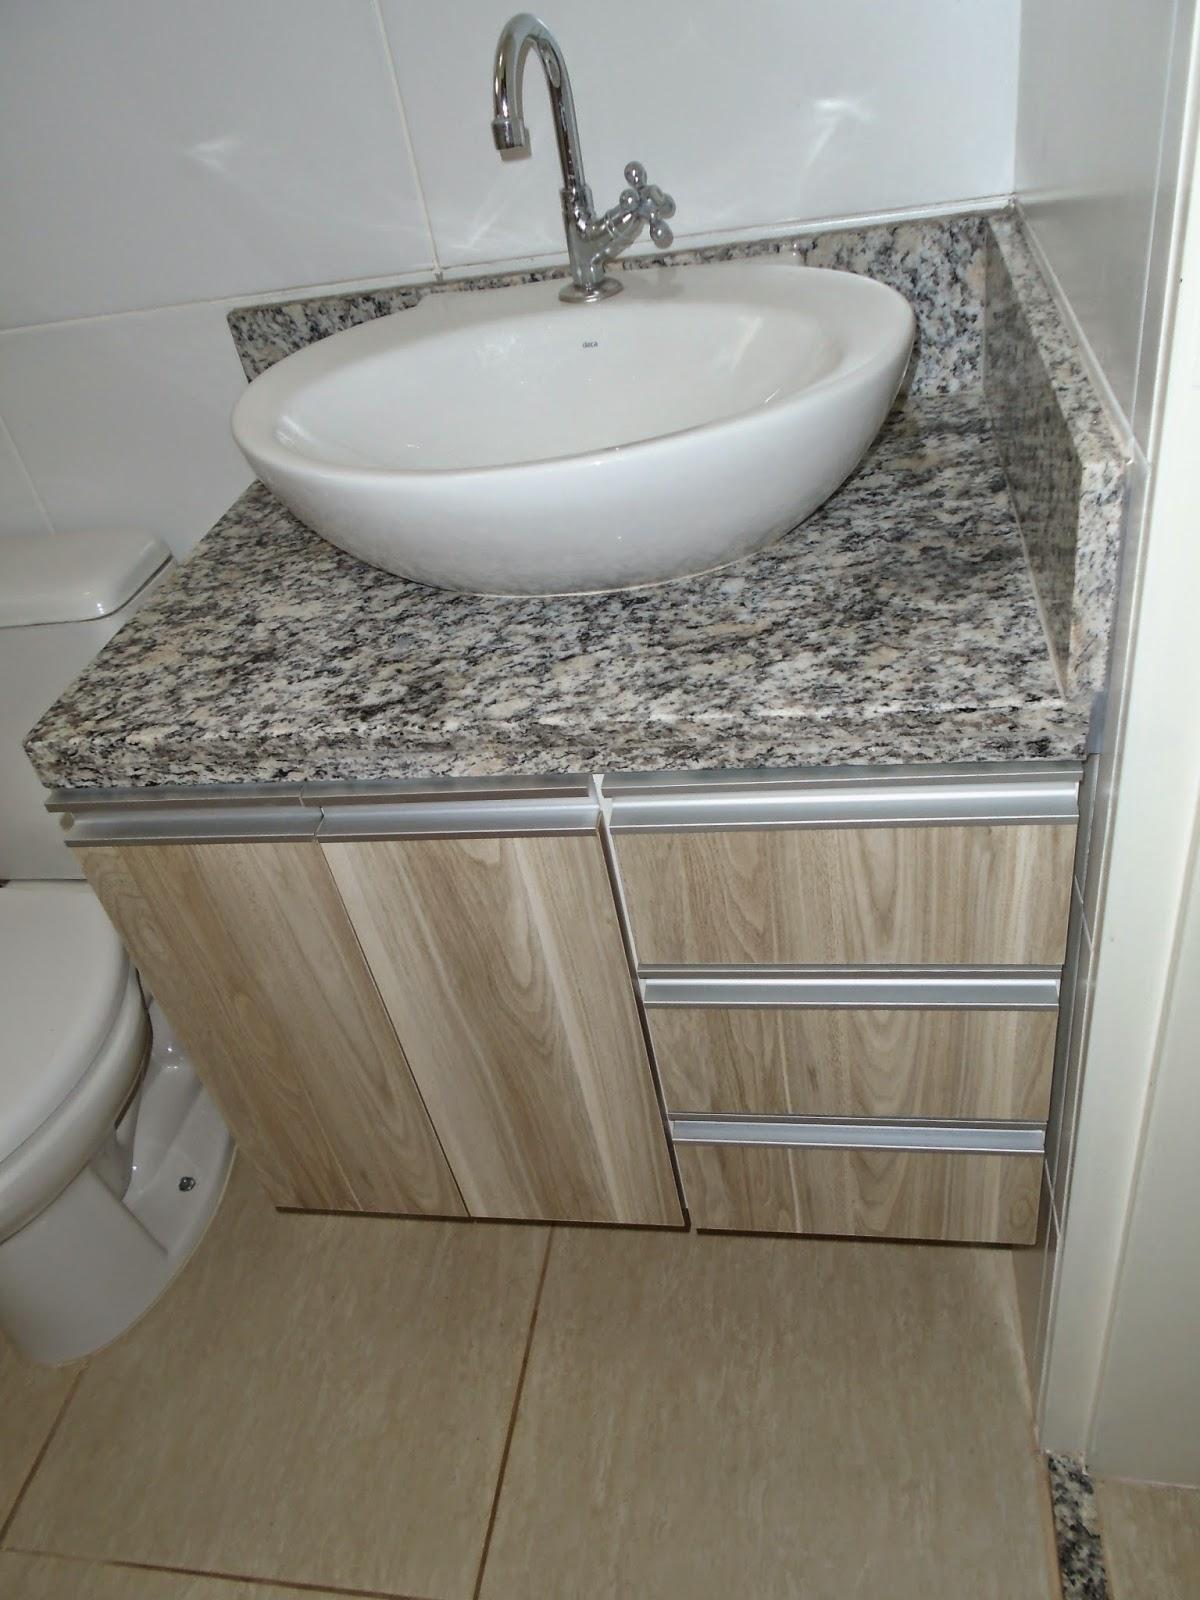 Marcenaria Caseira: Gabinete Para Lavatório de Banheiro (Padrão  #6D624D 1200 1600